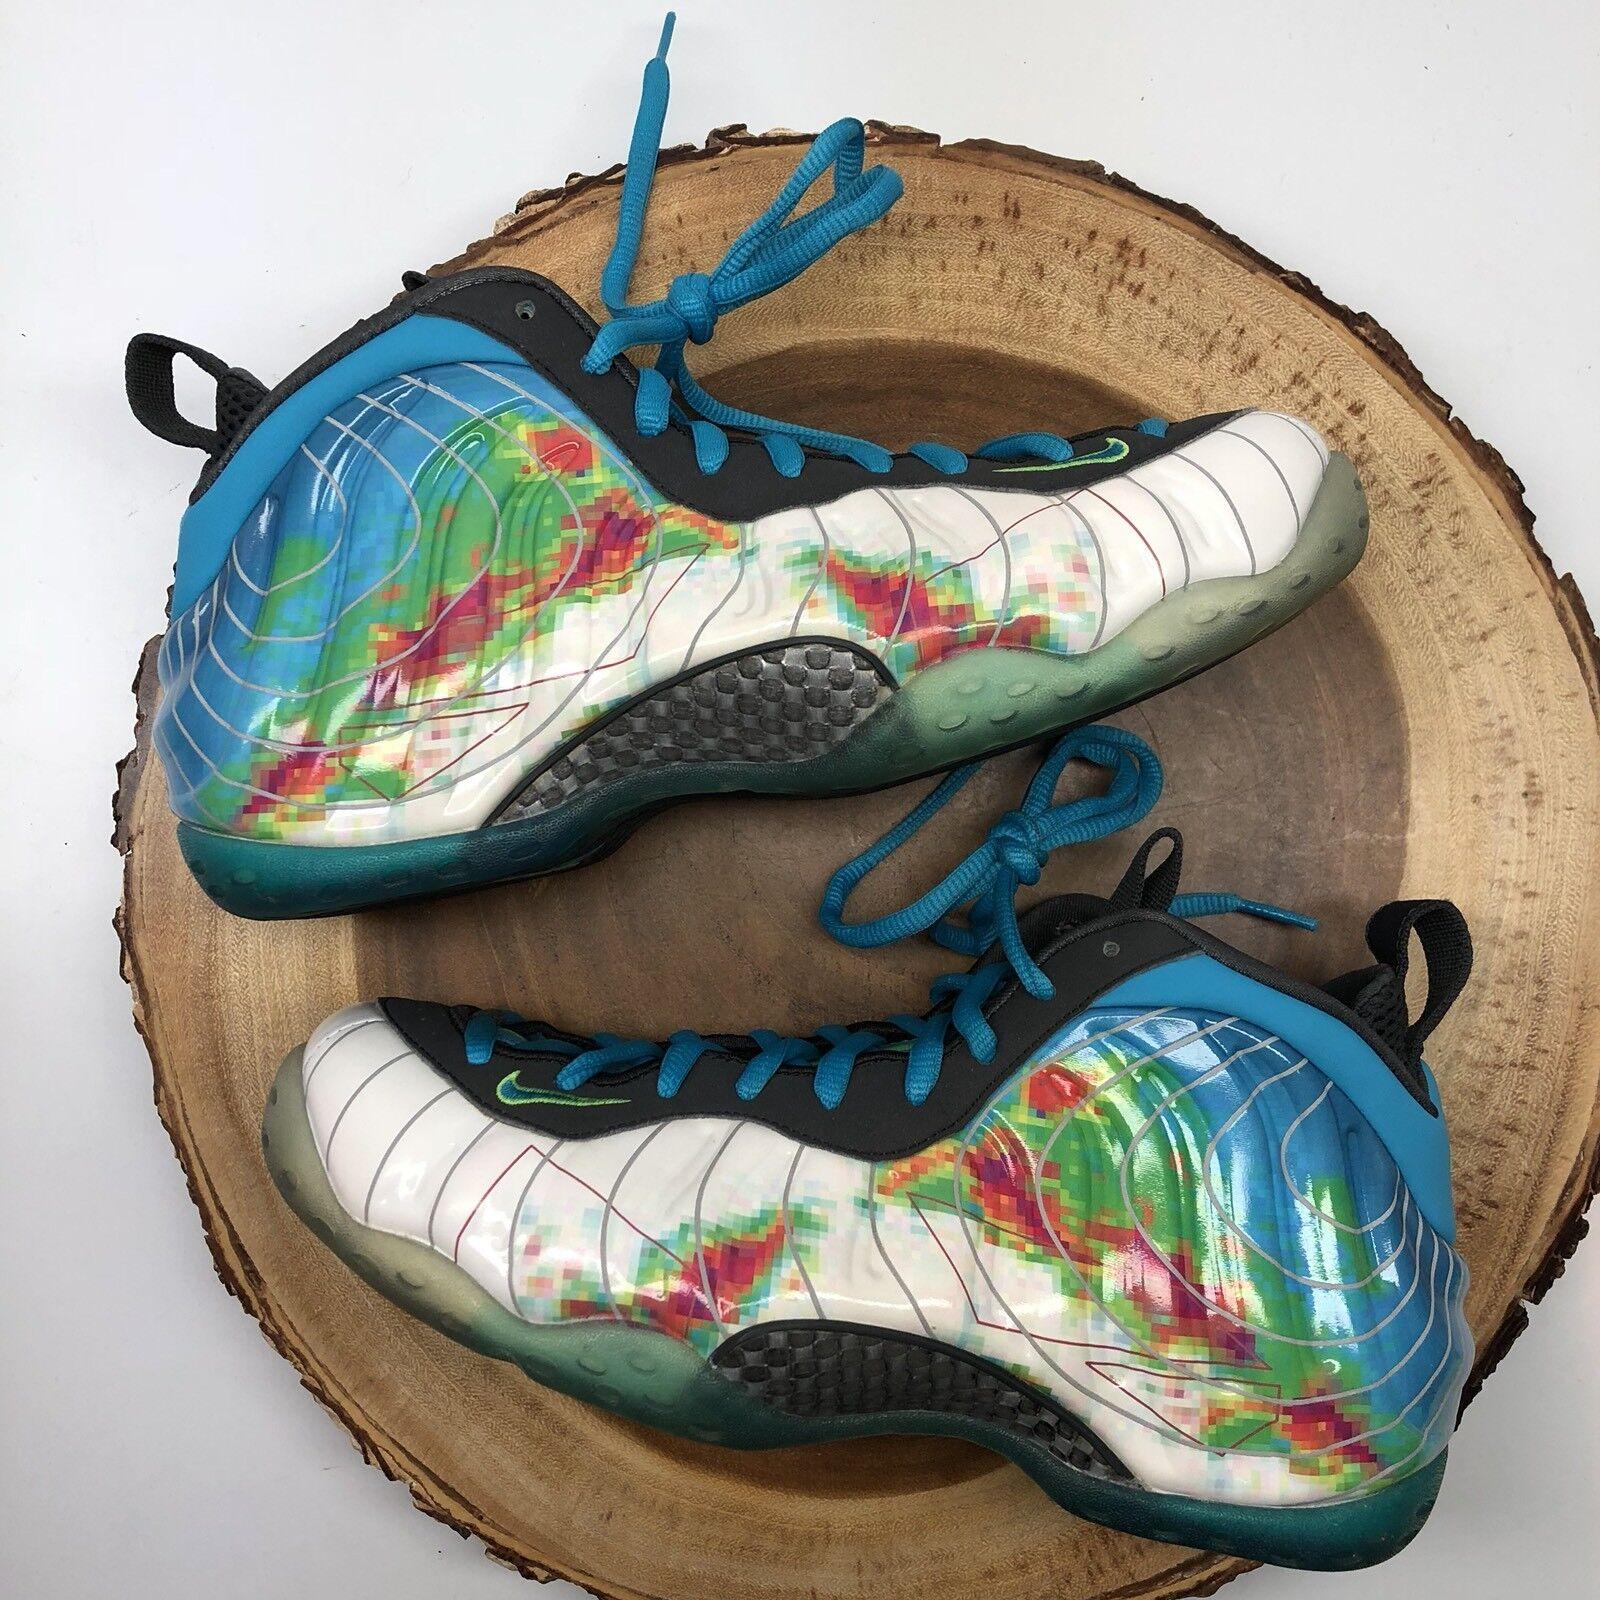 Nike Air Foamposite One PRM Weatherman Jordan 575420 100 Size 9 Jordan Weatherman Penny I II Pro 377664